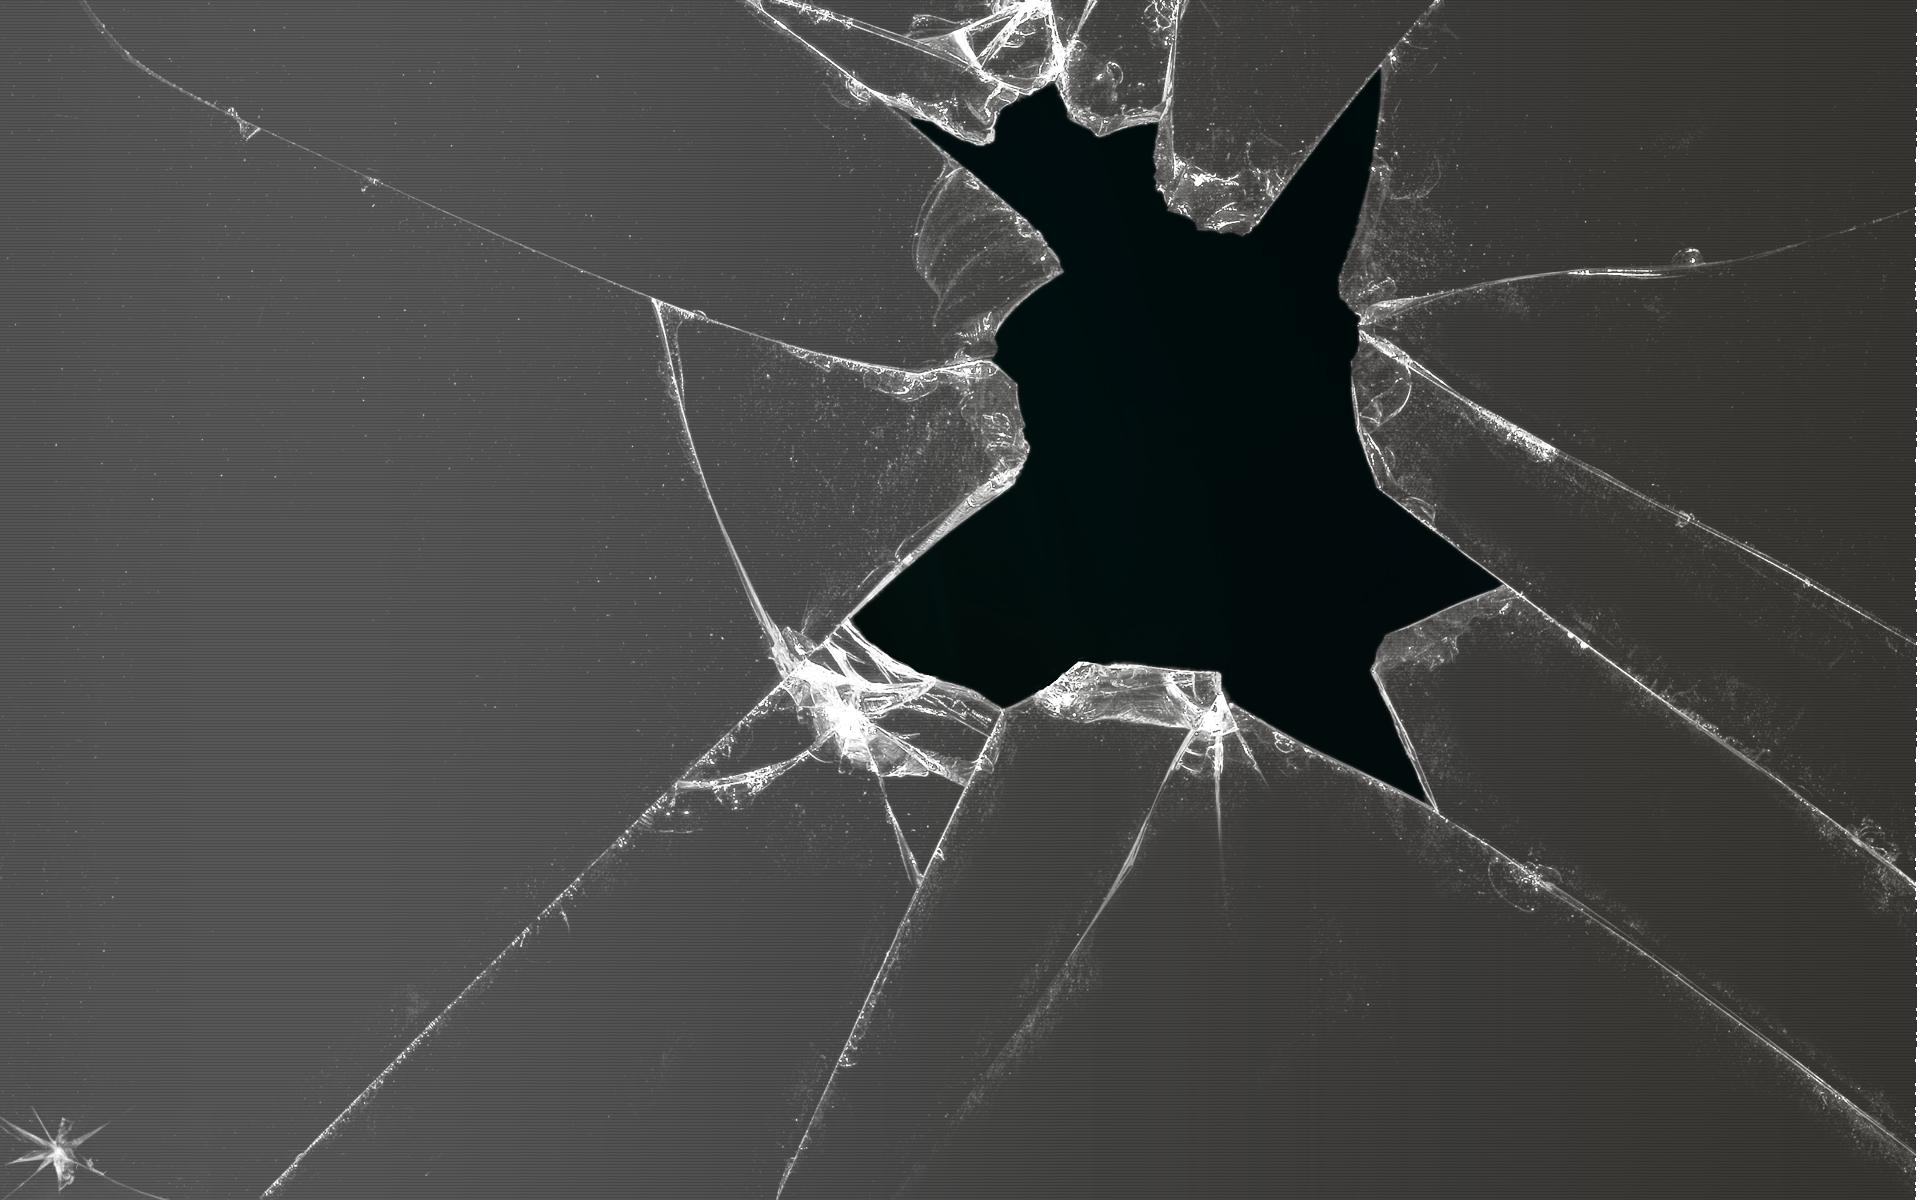 Realistic Broken Screen Wallpaper Best Wallpaper Hd Broken Glass Wallpaper Broken Screen Wallpaper Screen Wallpaper